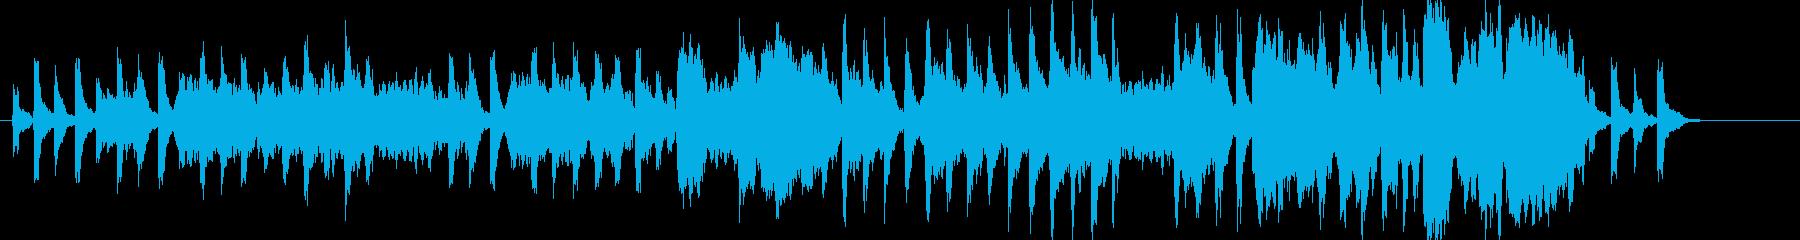 時間を刻むようなオーケストラの再生済みの波形